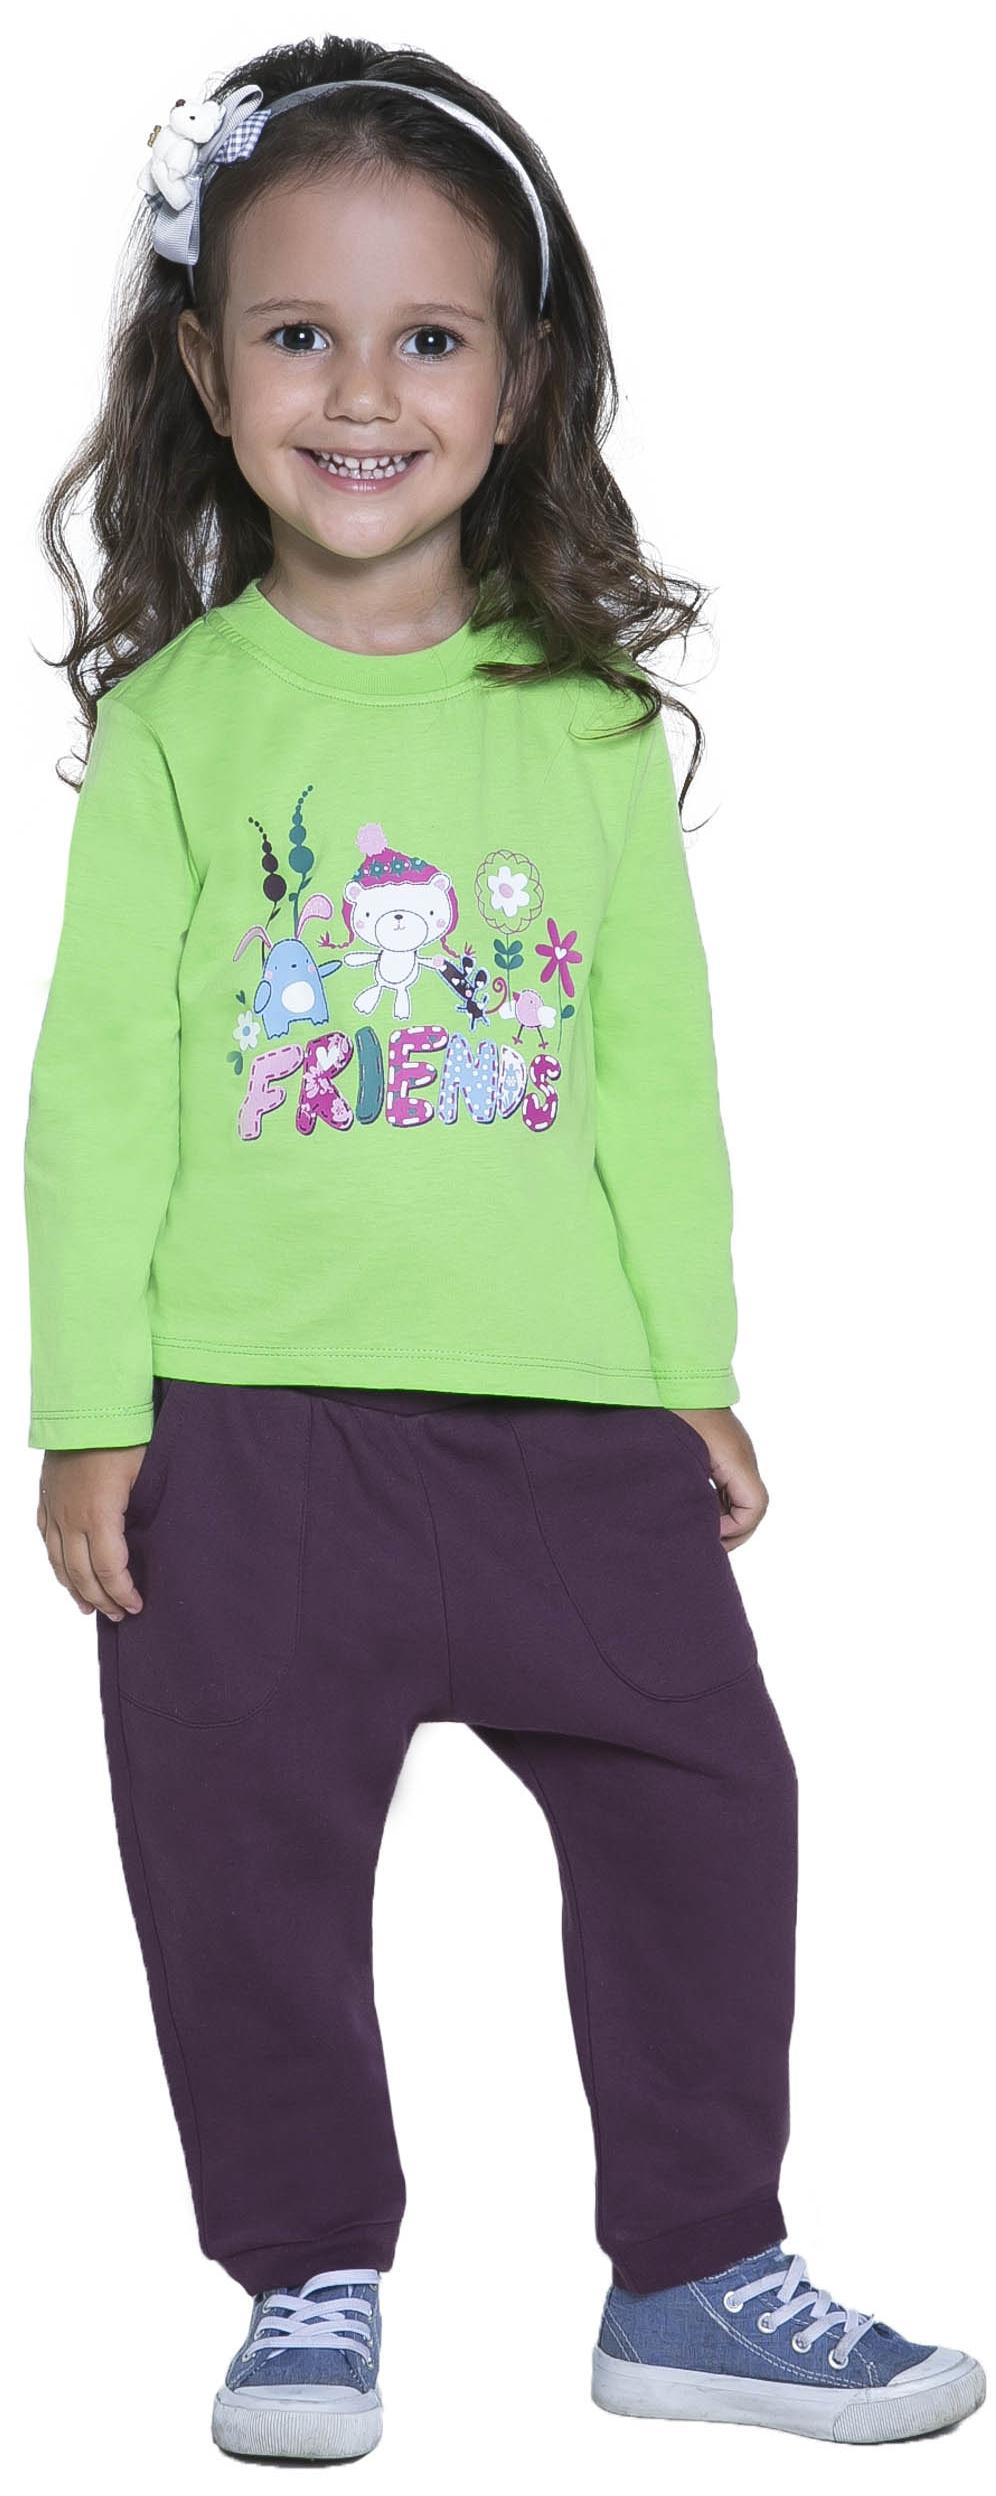 Футболка с длинным рукавом для девочки Barkito Друзья 1 футболка с длинным рукавом barkito солнечный берег 1